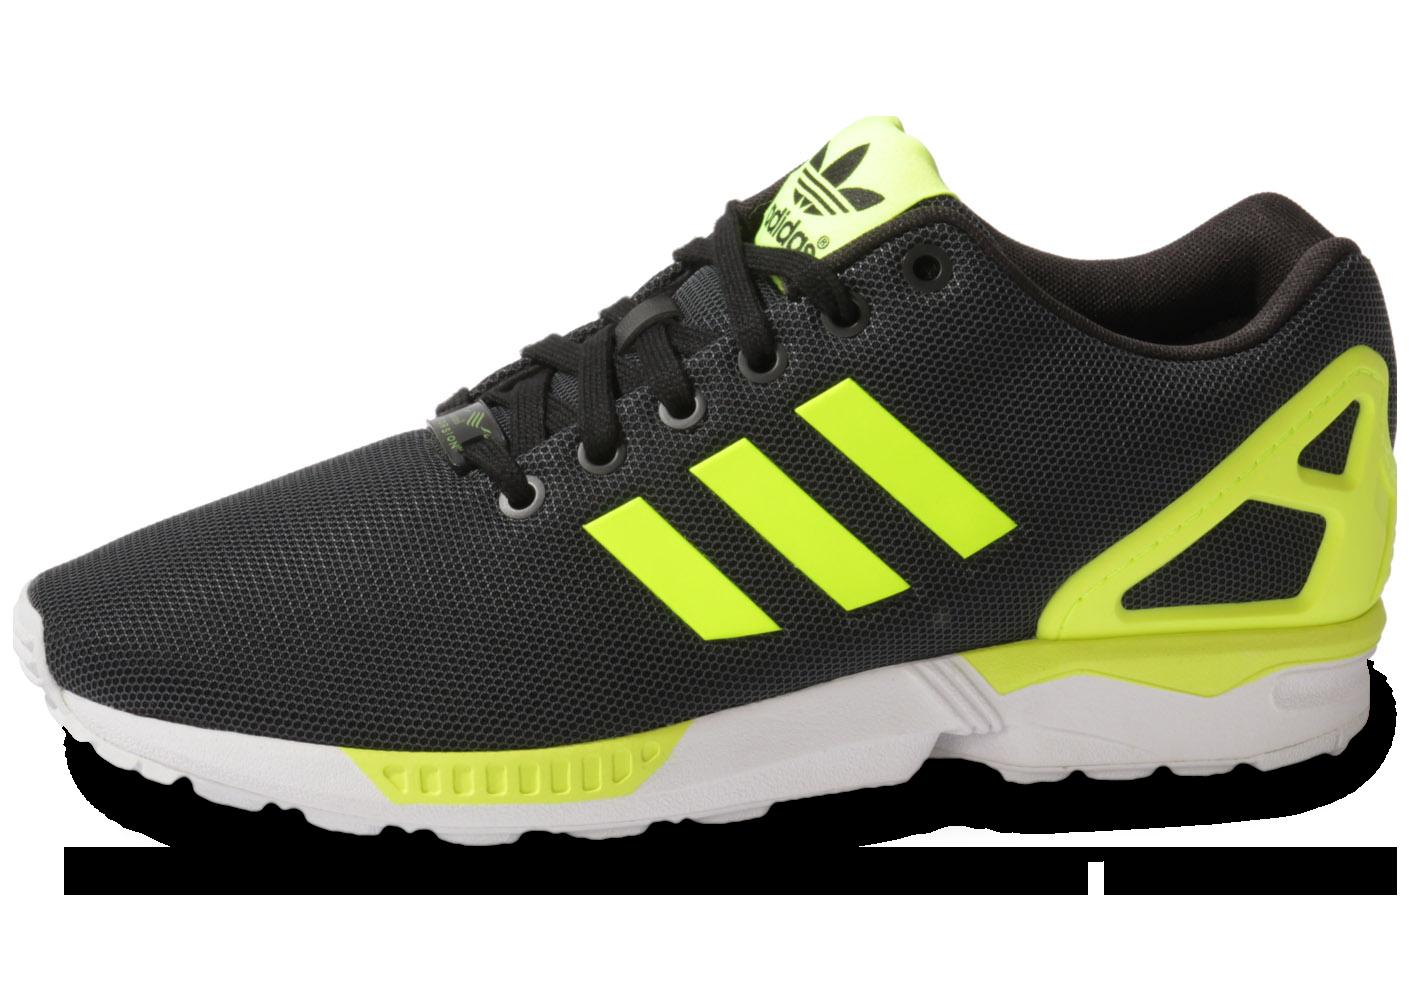 Chaussures Adidas Zx Flux Homme Noir Ju940 e234bdb33387